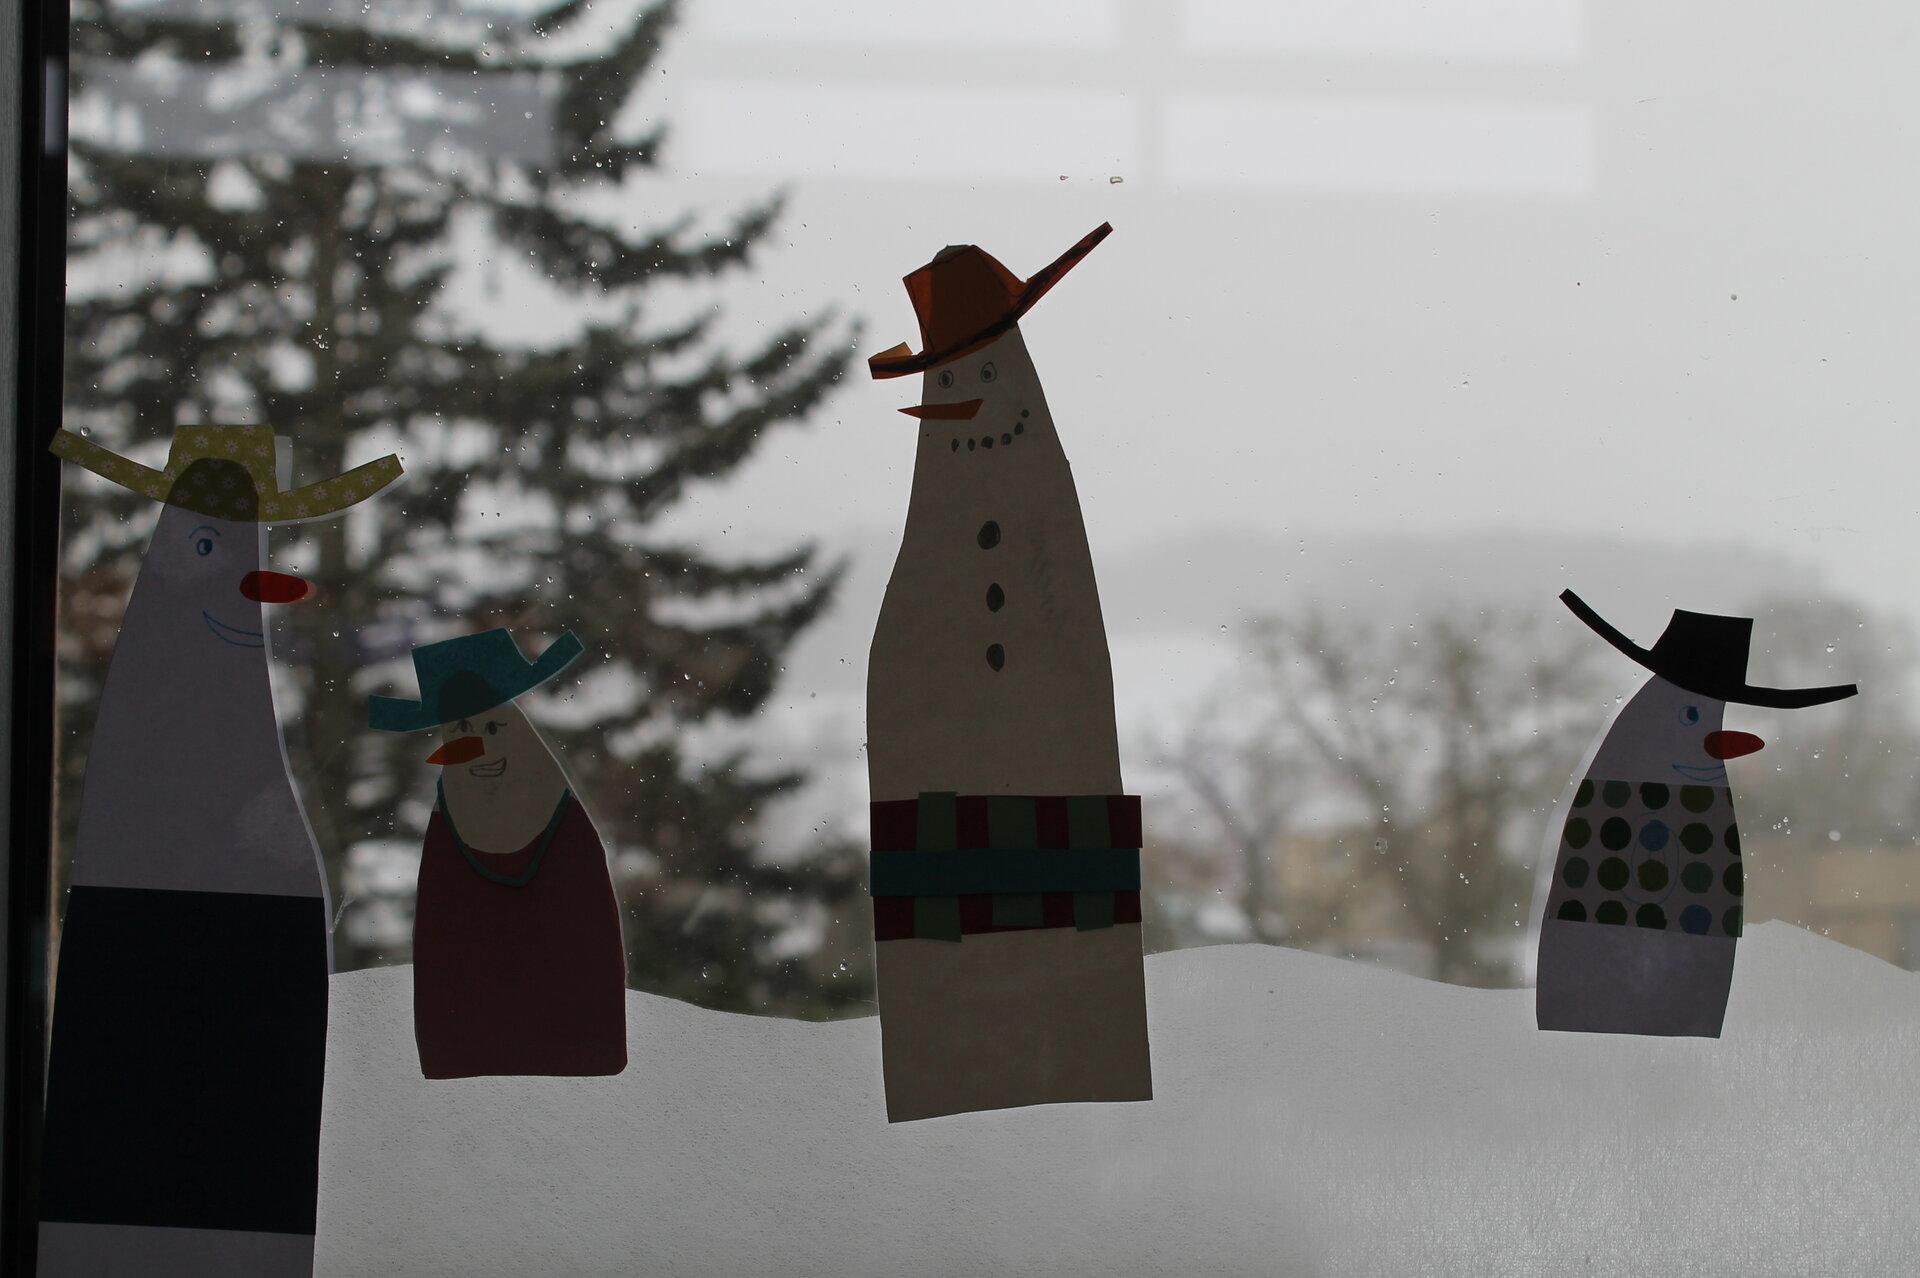 Winterlich9